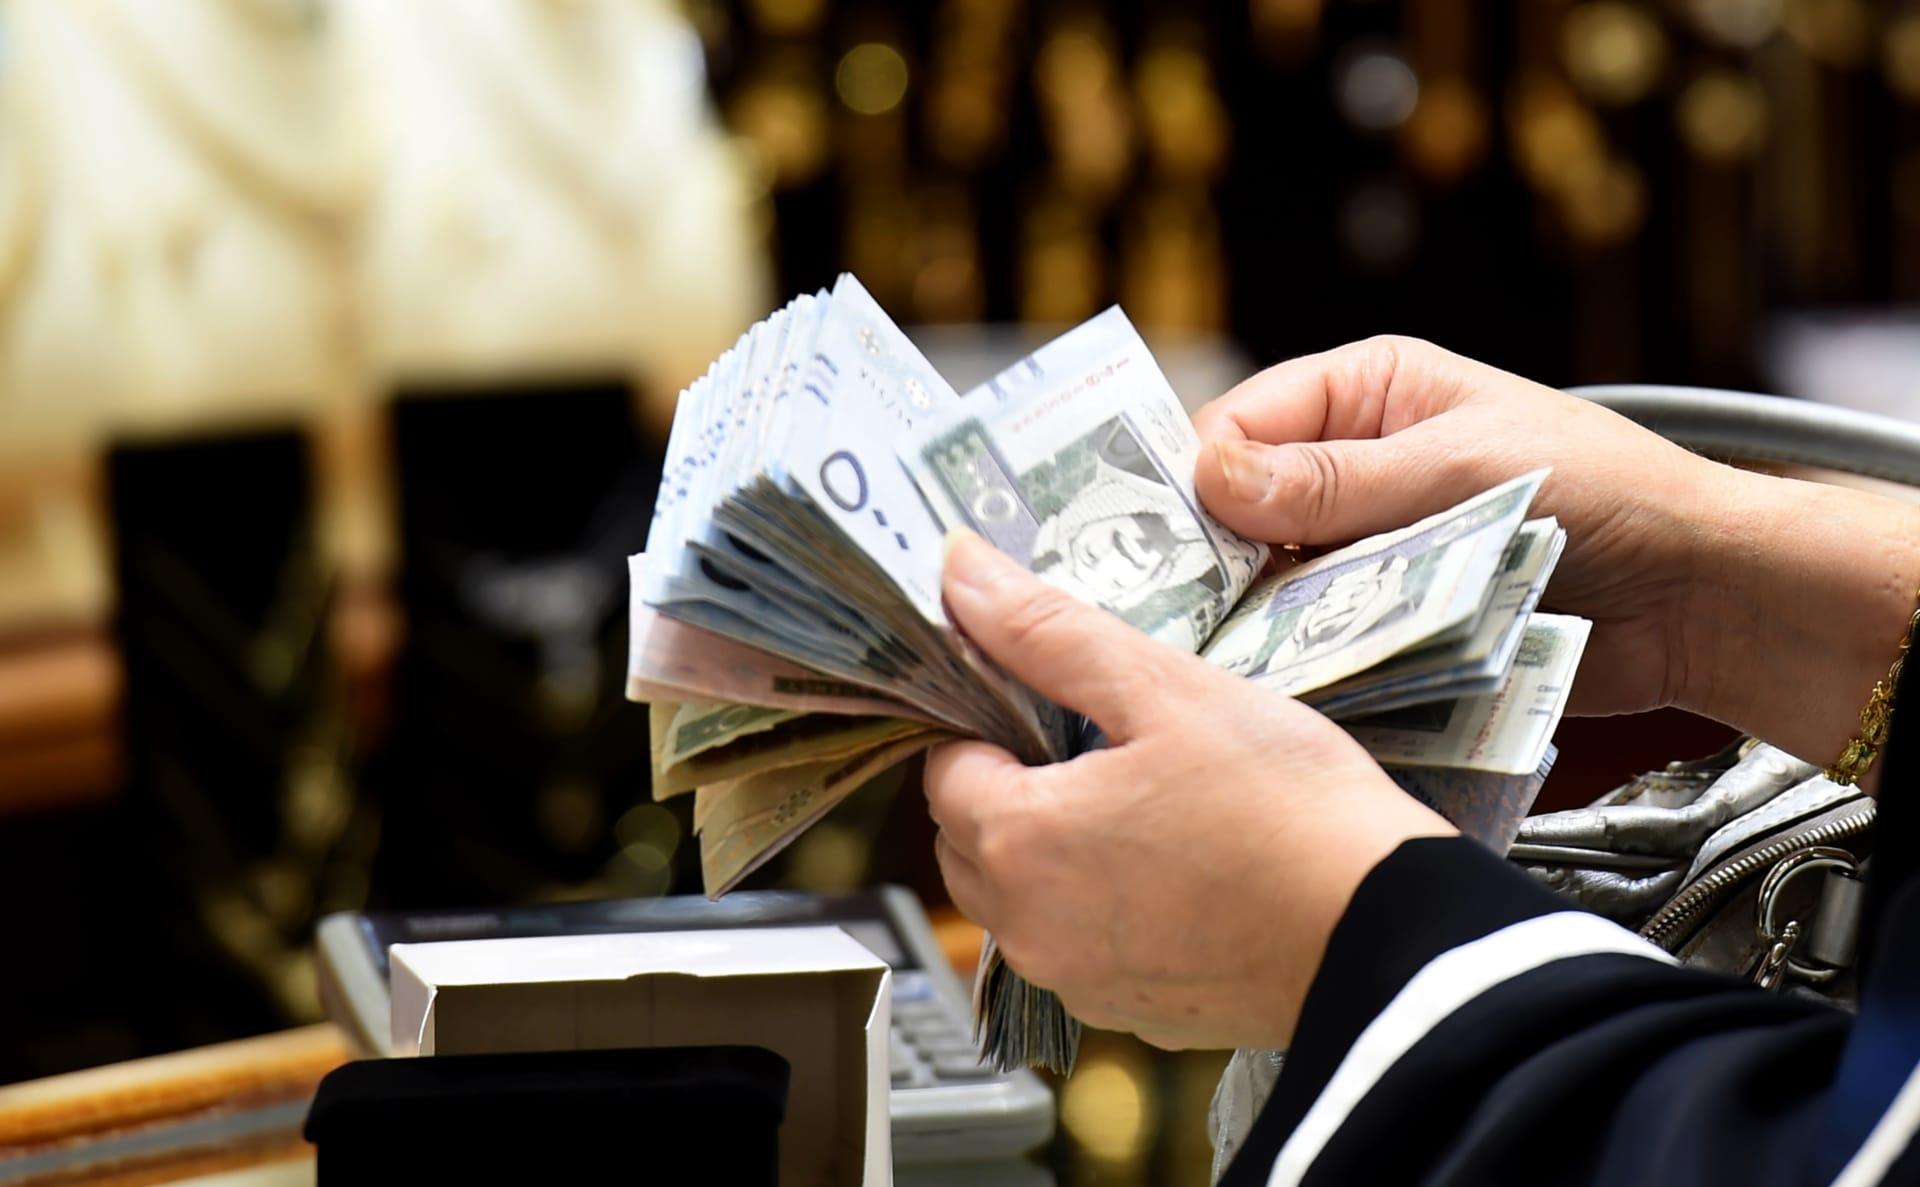 لدعم القطاع الخاص.. مؤسسة النقد السعودي تمدد برنامج تأجيل الدفعات